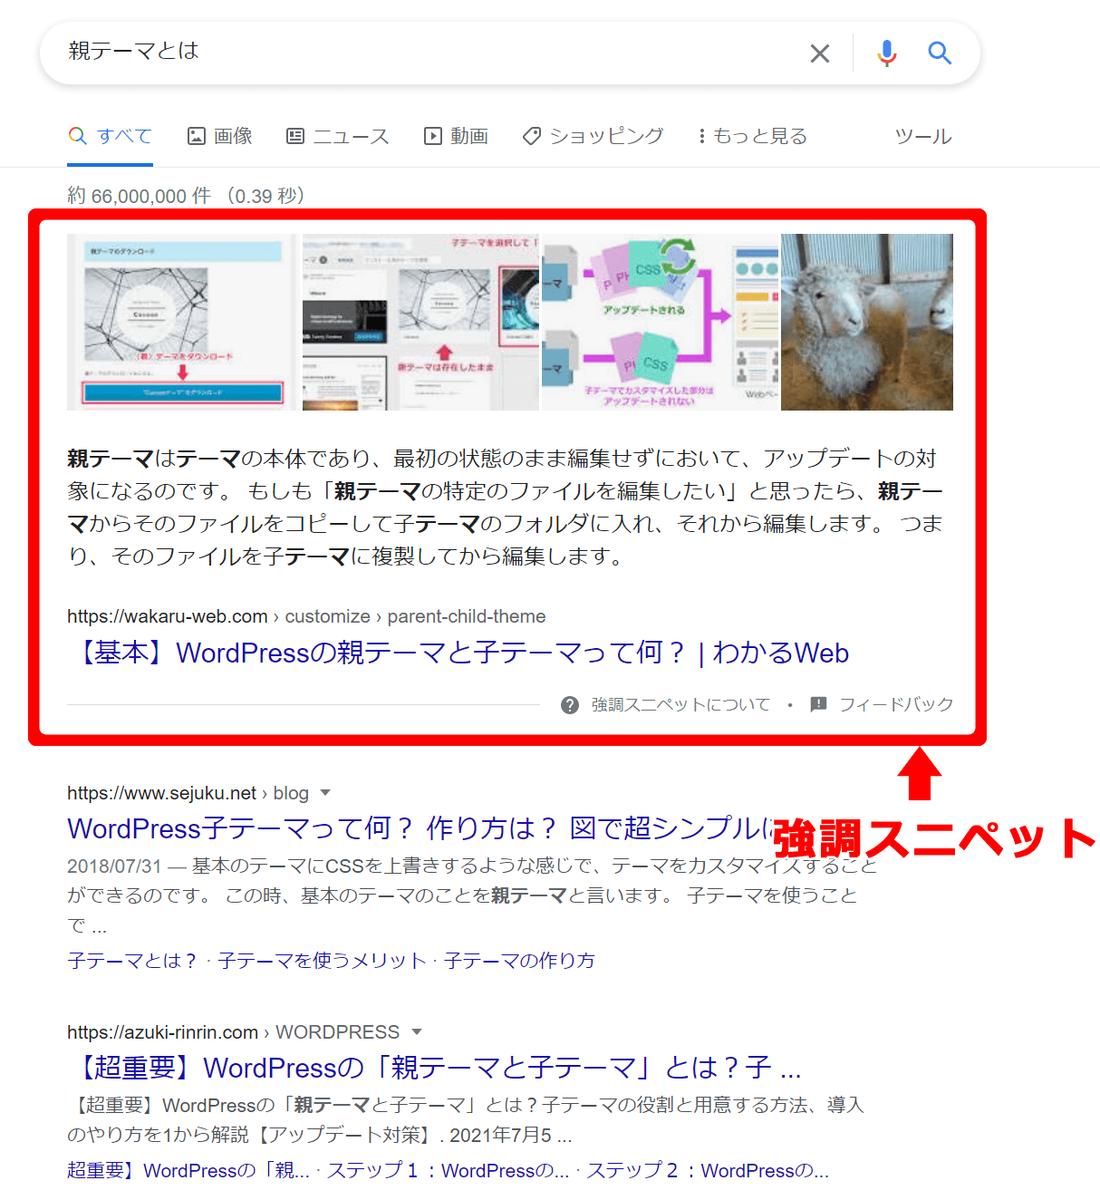 f:id:wakaru-web:20210711053824p:plain